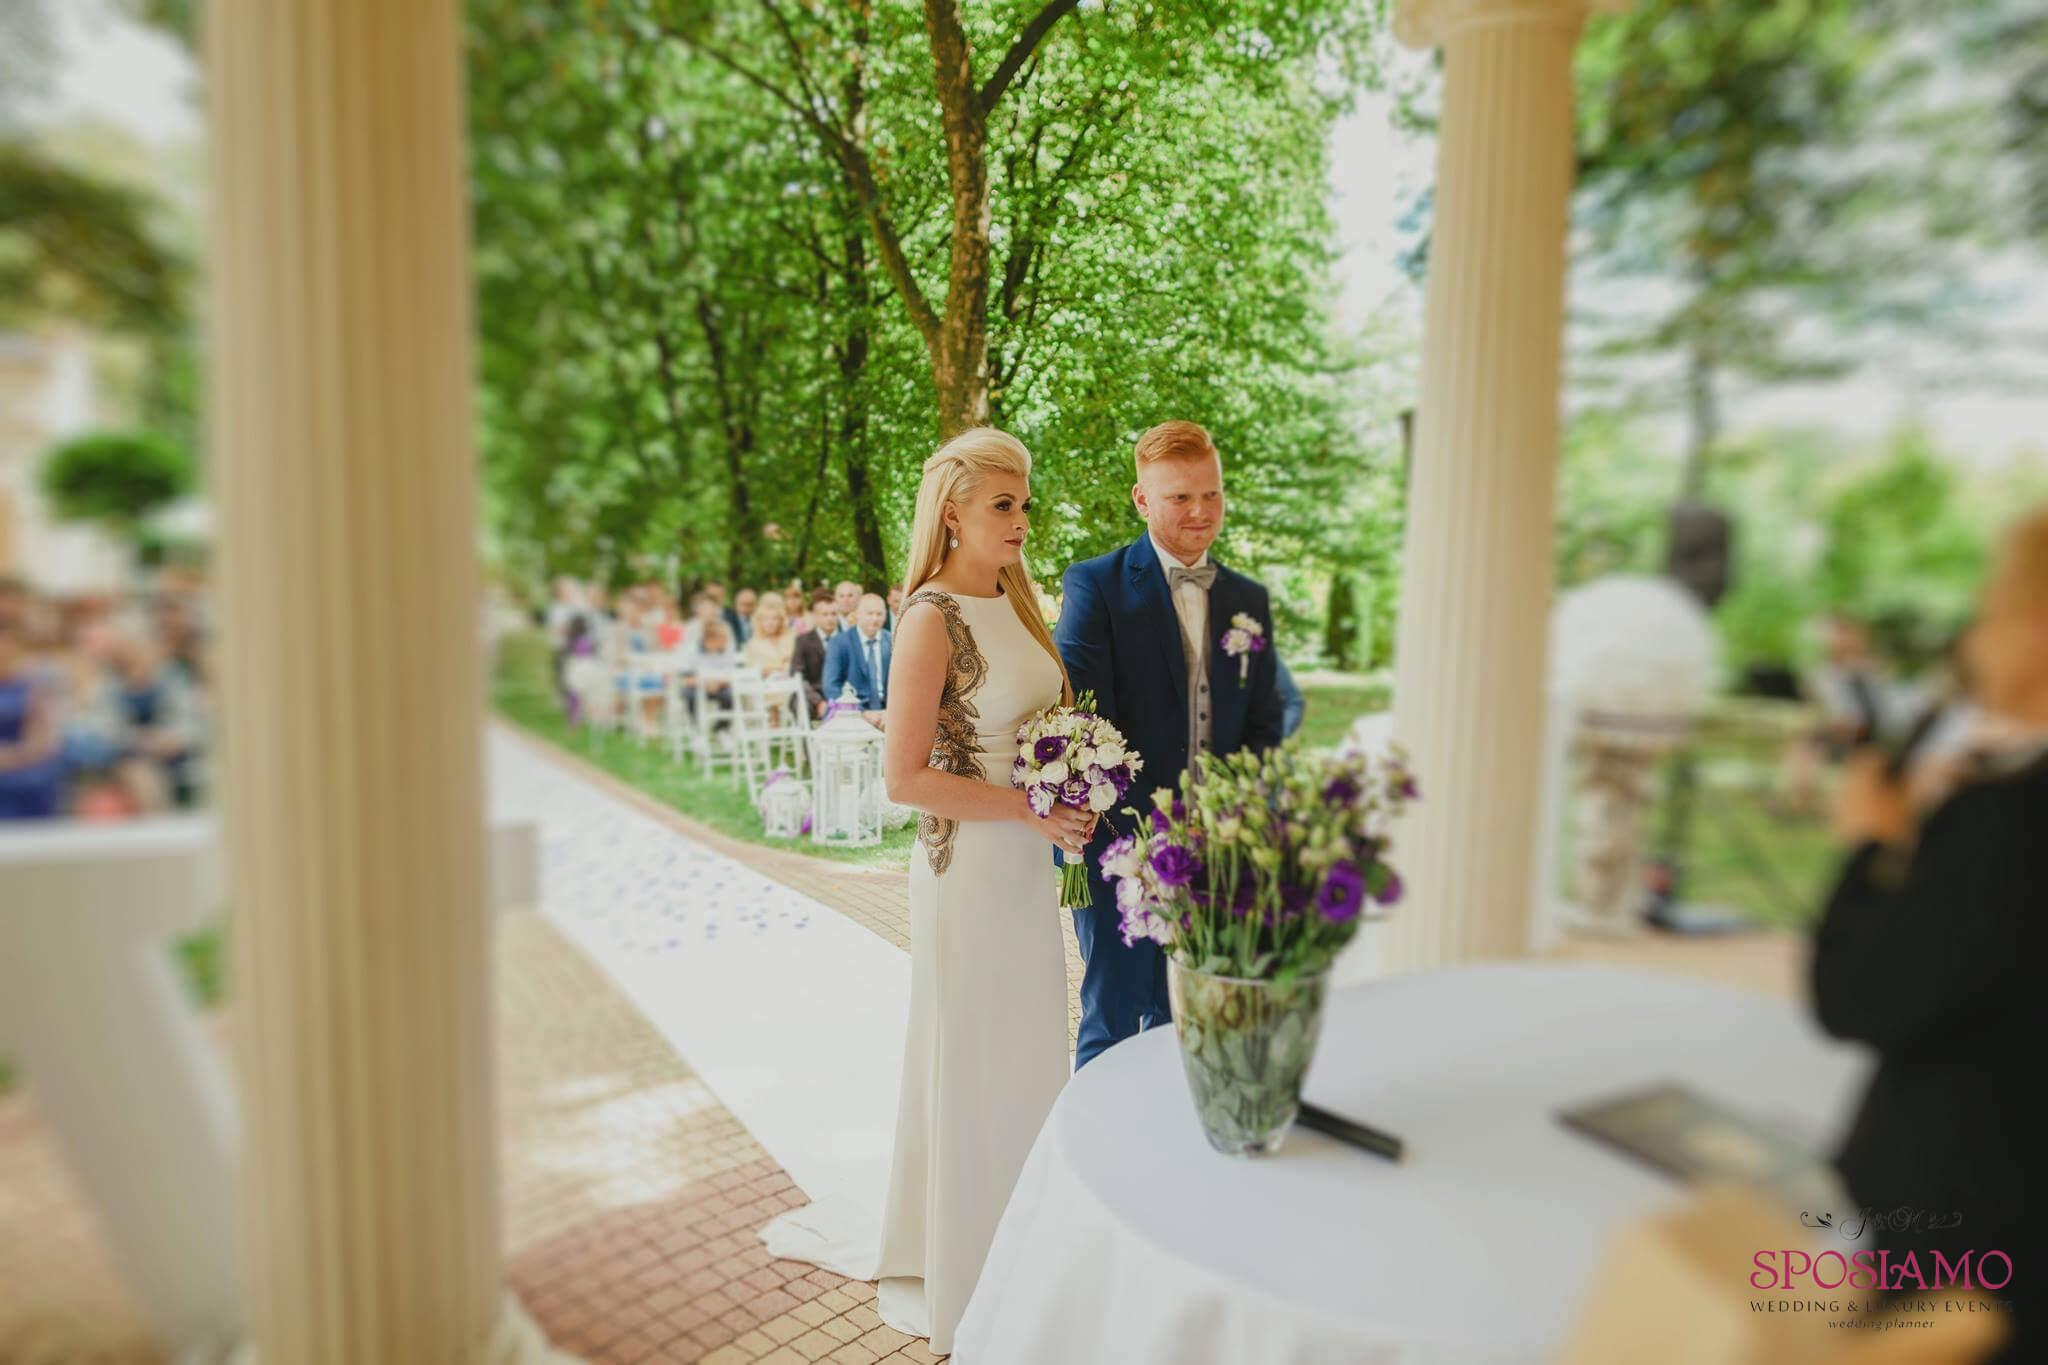 ślub W Plenerze W Ogrodach Pałacu Kolor Fioletowy W Połączeniu Z